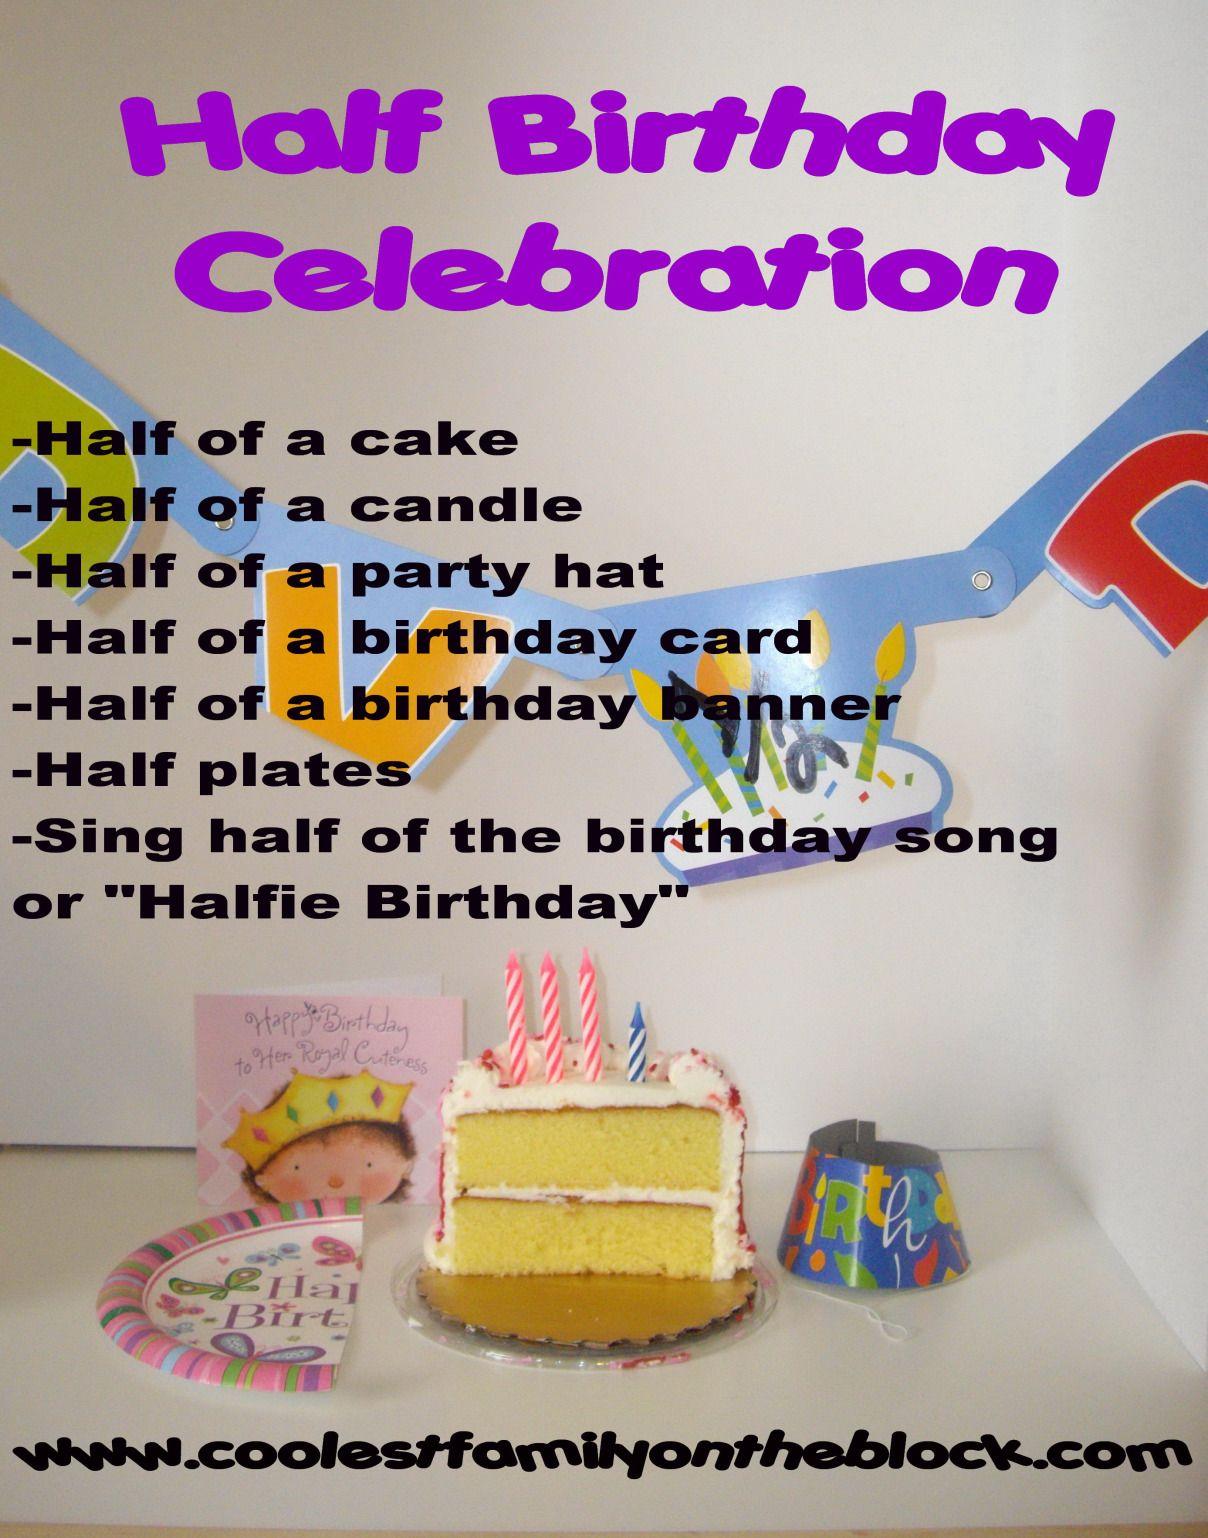 Half Birthday Celebrations Coolest Family On The Block Half Birthday Party Happy Half Birthday Half Birthday